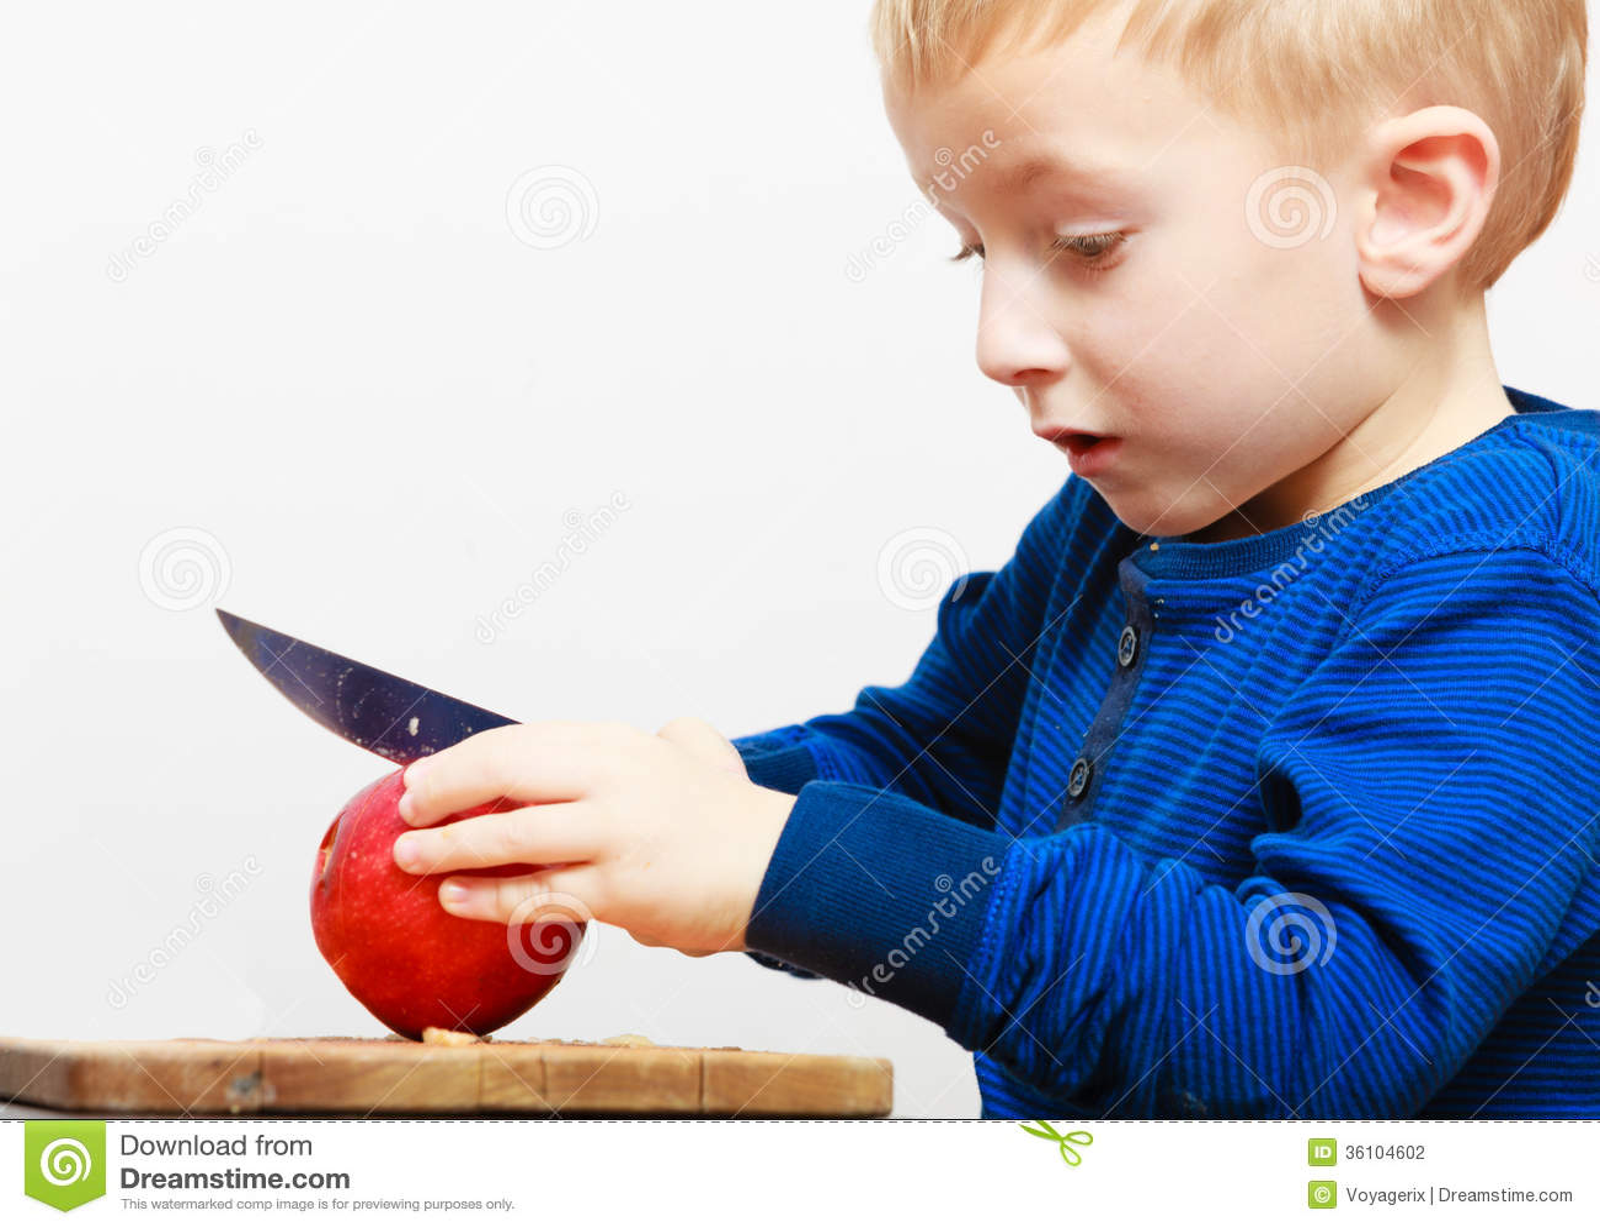 男孩儿童孩子学龄前儿童用刀子切口果子苹果在家